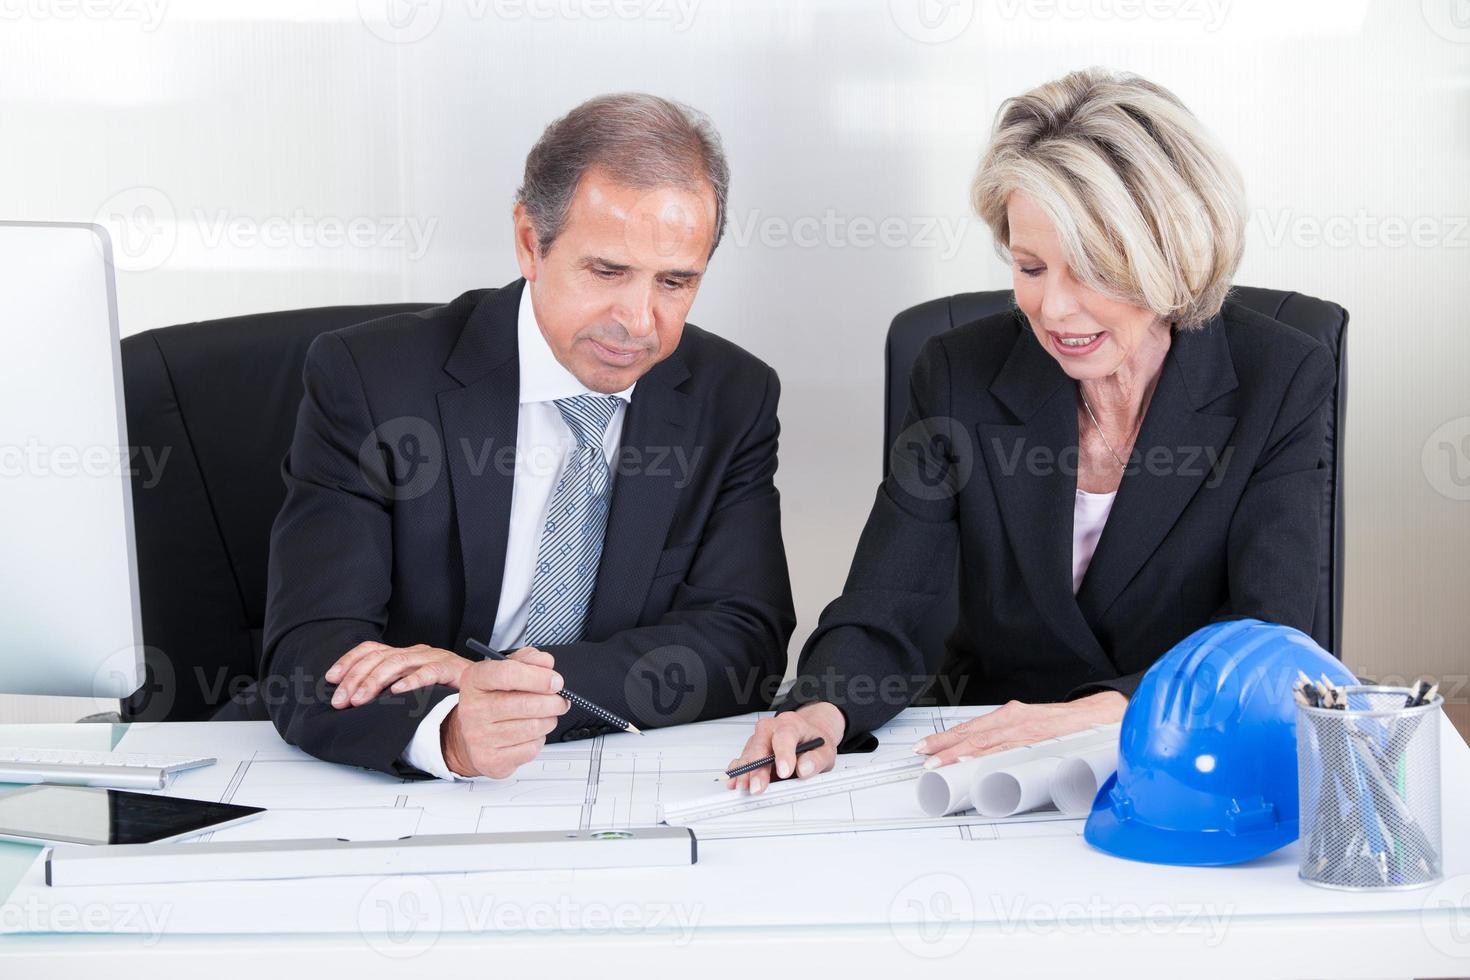 deux architectes regardant des plans photo